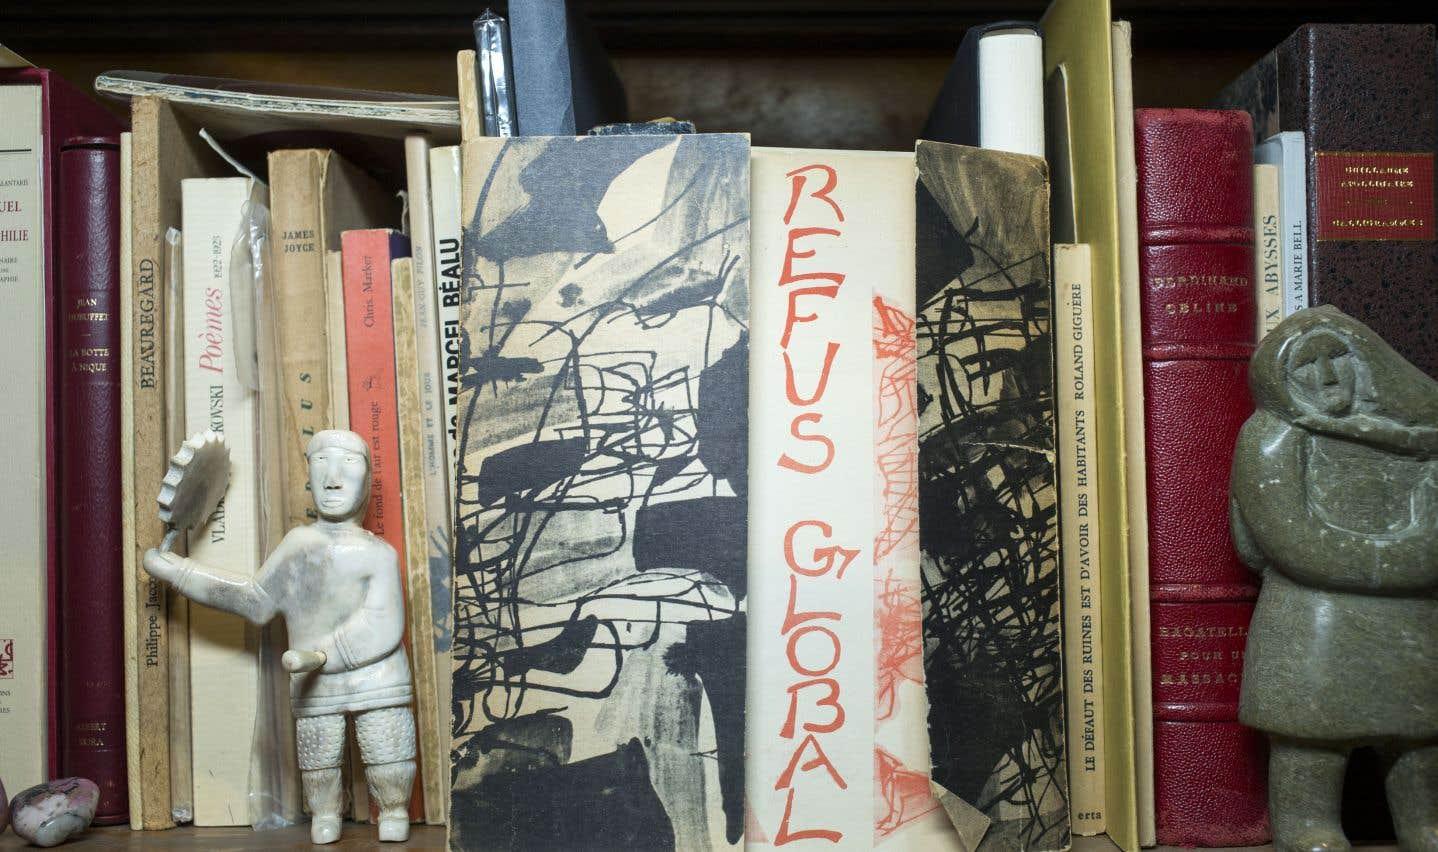 Bibelots, petits tableaux ou souvenirs de voyage ont souvent leur place dans les bibliothèques.